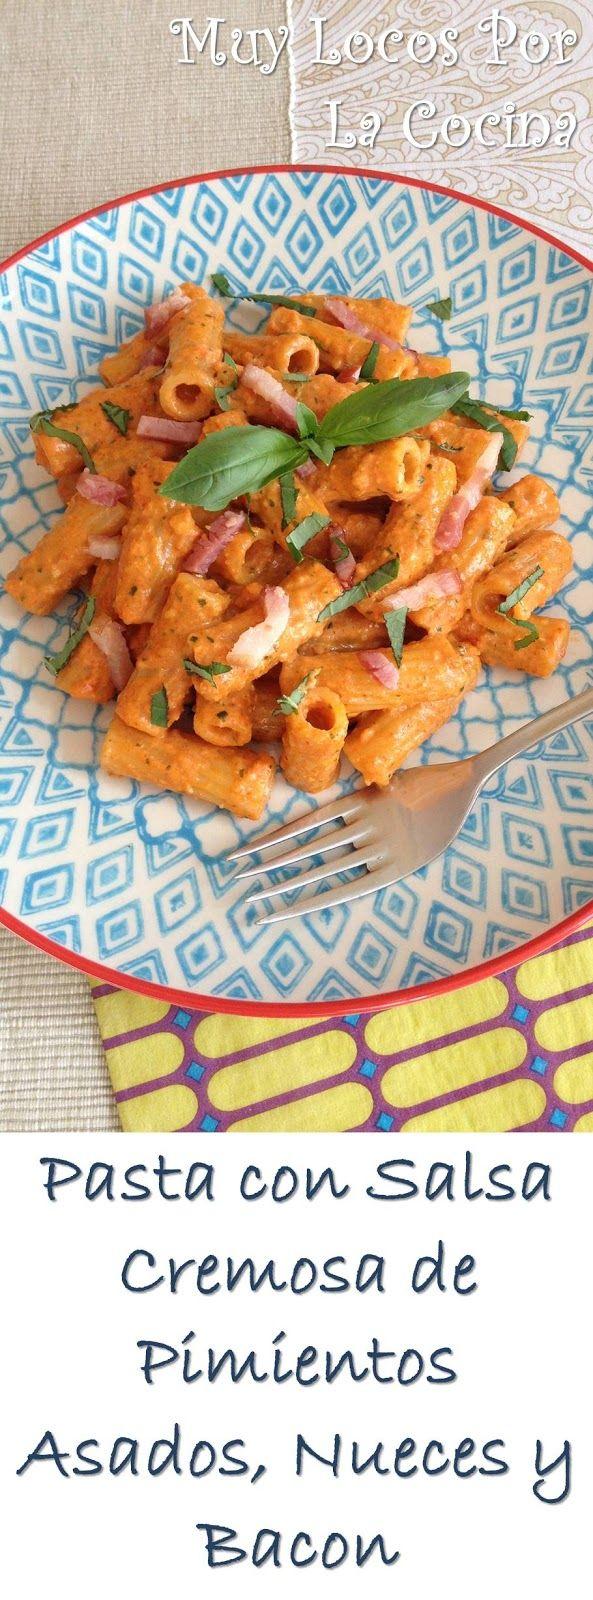 Twittear     Este plato de pasta tiene una salsa deliciosa a base de pimientos rojos asados y nueces que va aromatizada con a...